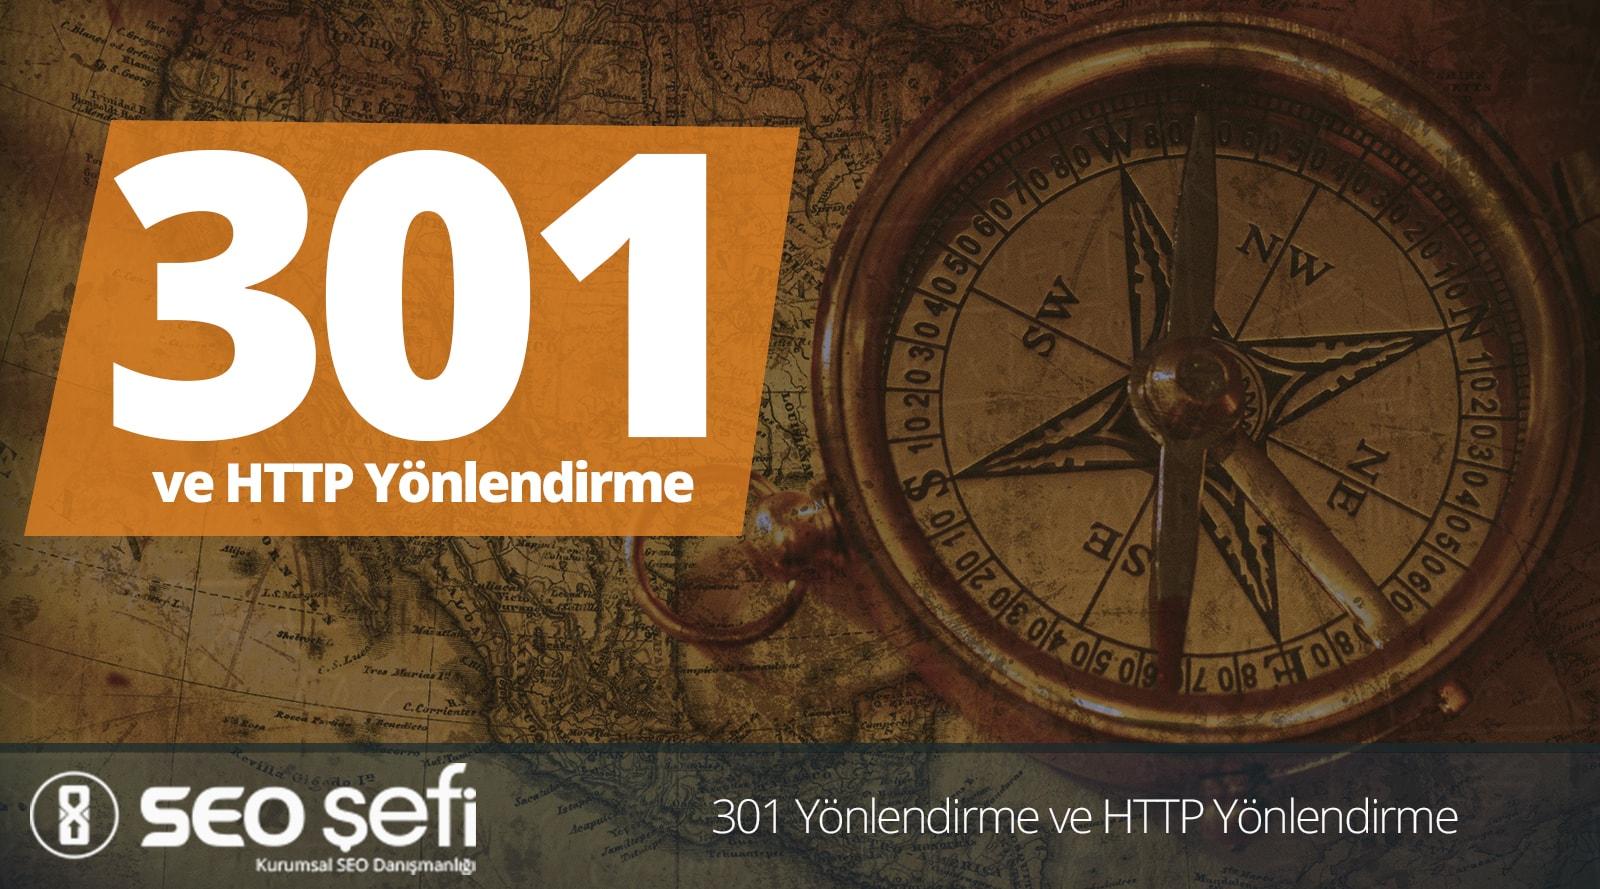 301 Yönlendirme ve HTTP Yönlendirme Rehberi